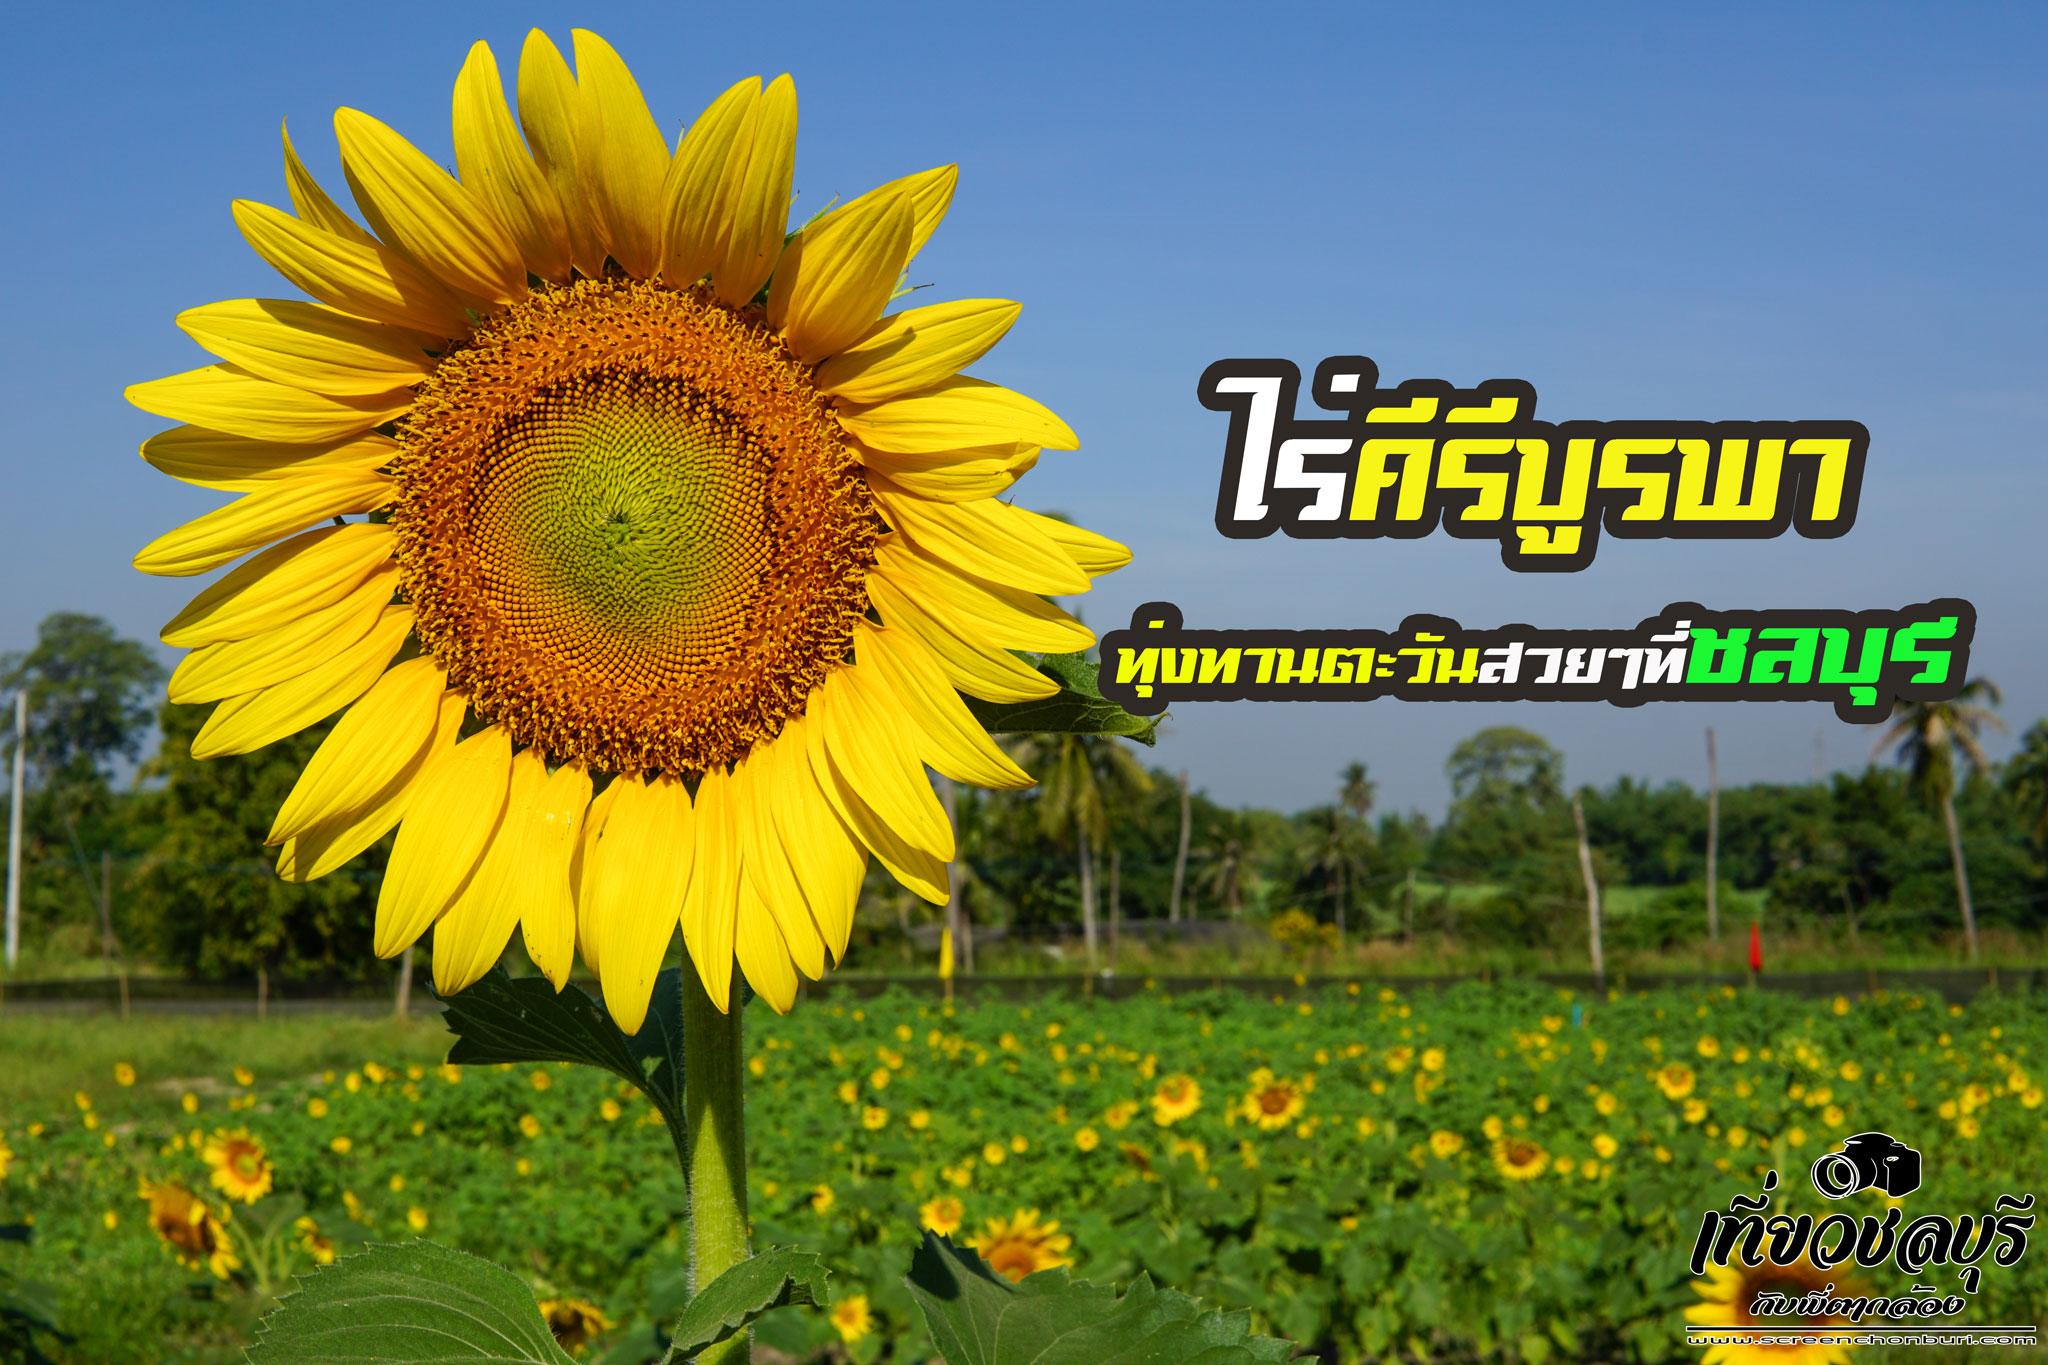 ไร่คีรีบูรพา-ทุ่งทานตะวันสวยๆที่ชลบุรี